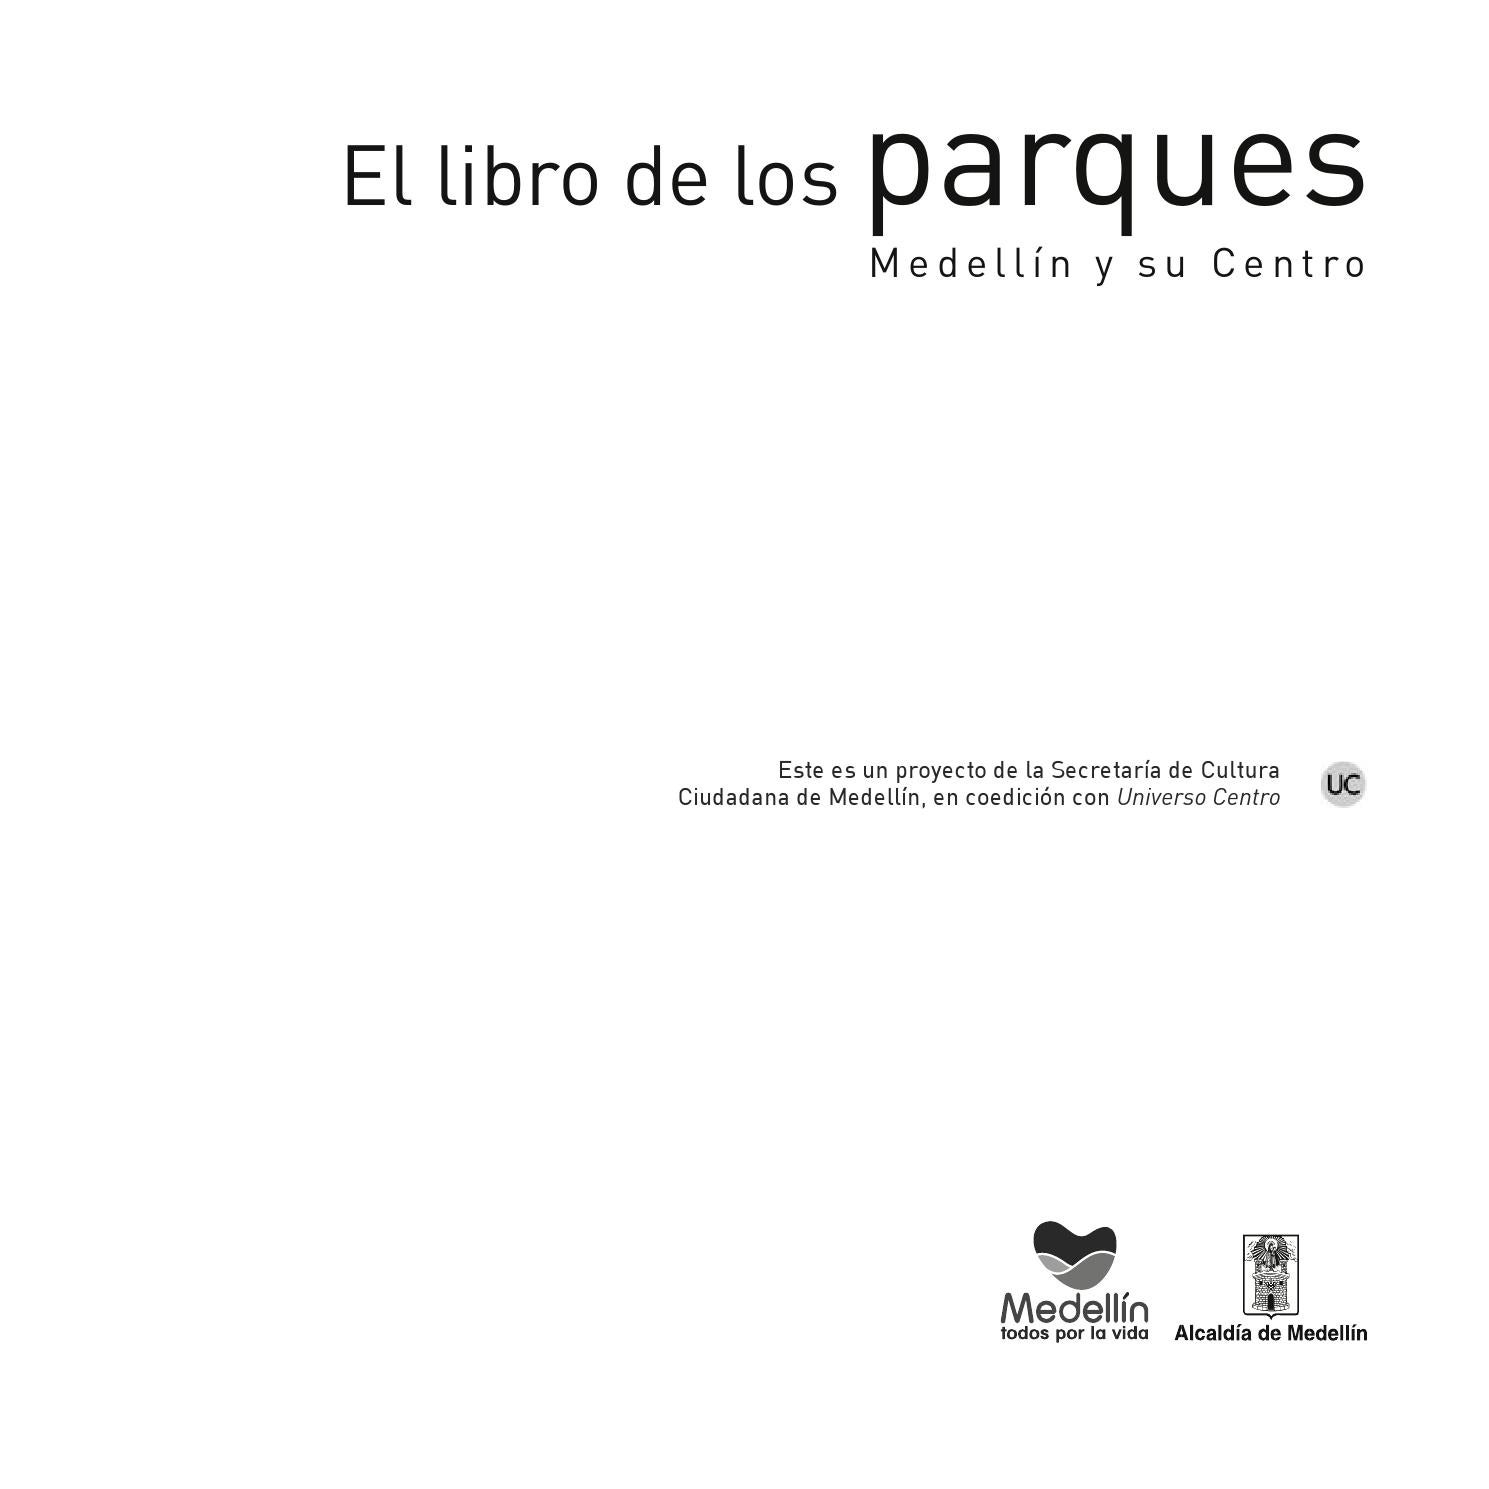 EL LIBRO DE LOS PARQUES   Medellín y su Centro by VIVA la VIDA - issuu 526e01a1ecd3